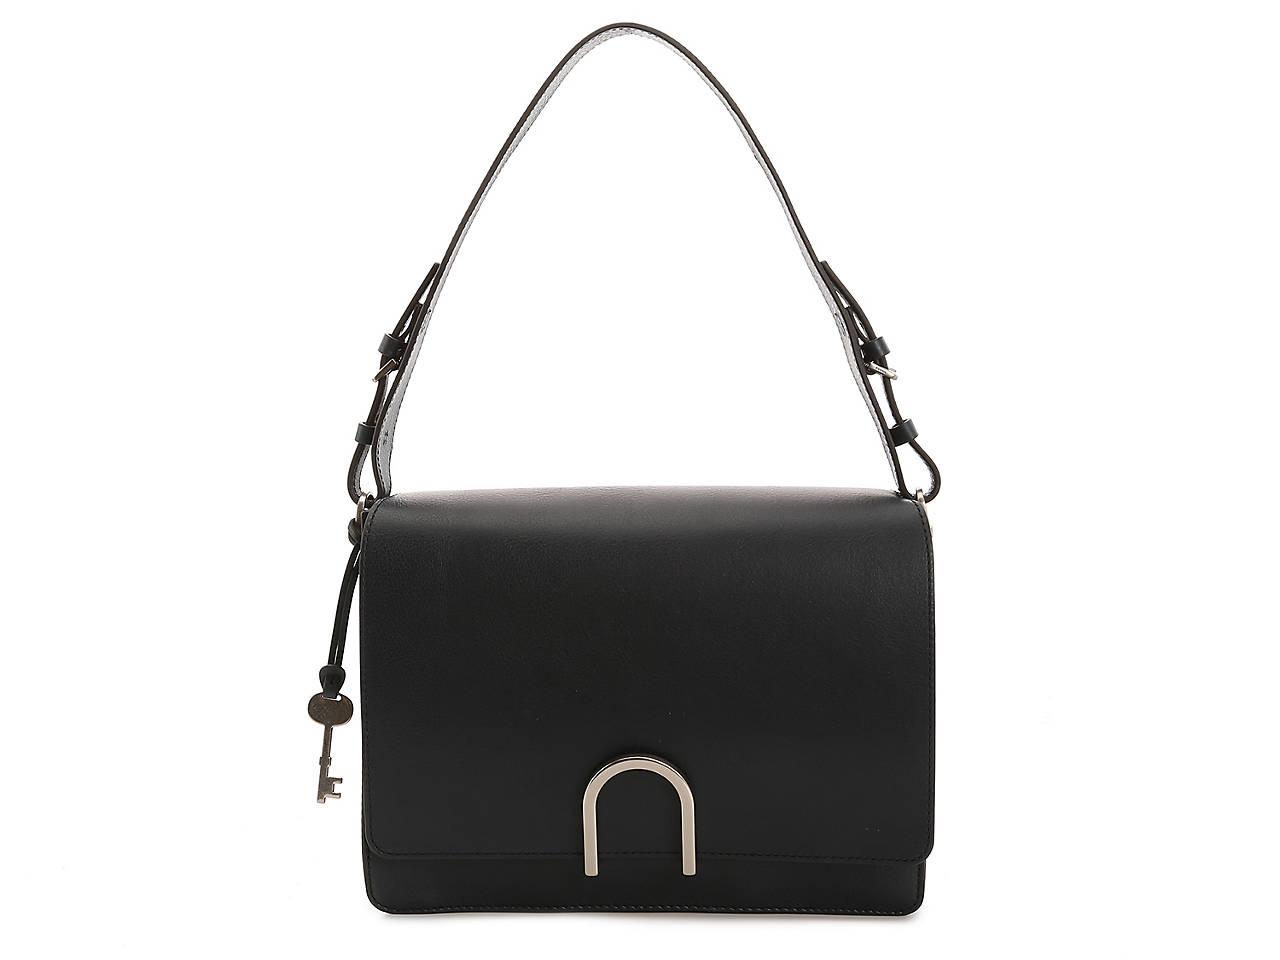 Finley Leather Shoulder Bag